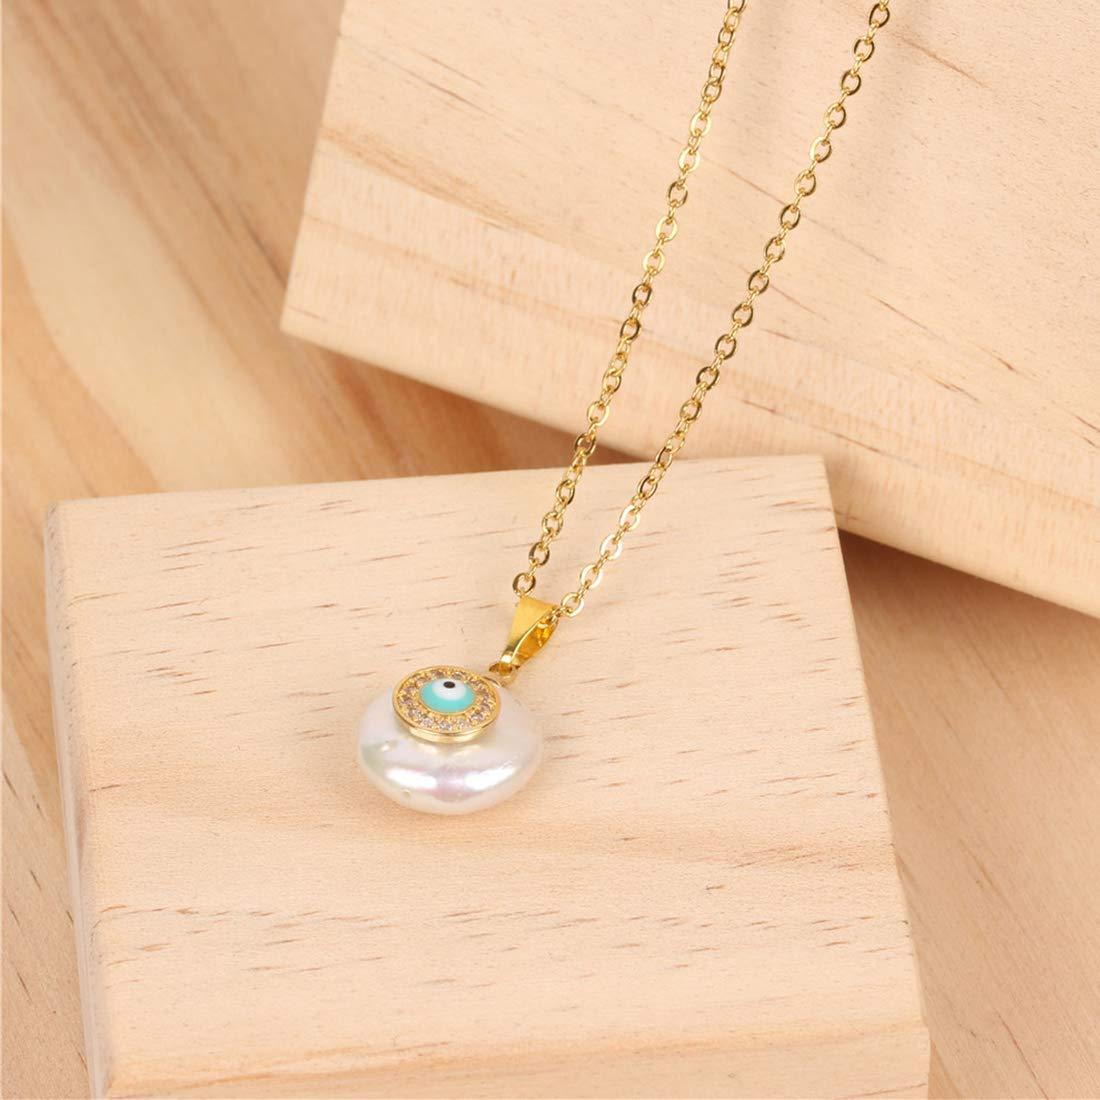 RagBear Evil Eye Charm Greece Blue Necklace Meaning Jewelry from Israel Greek